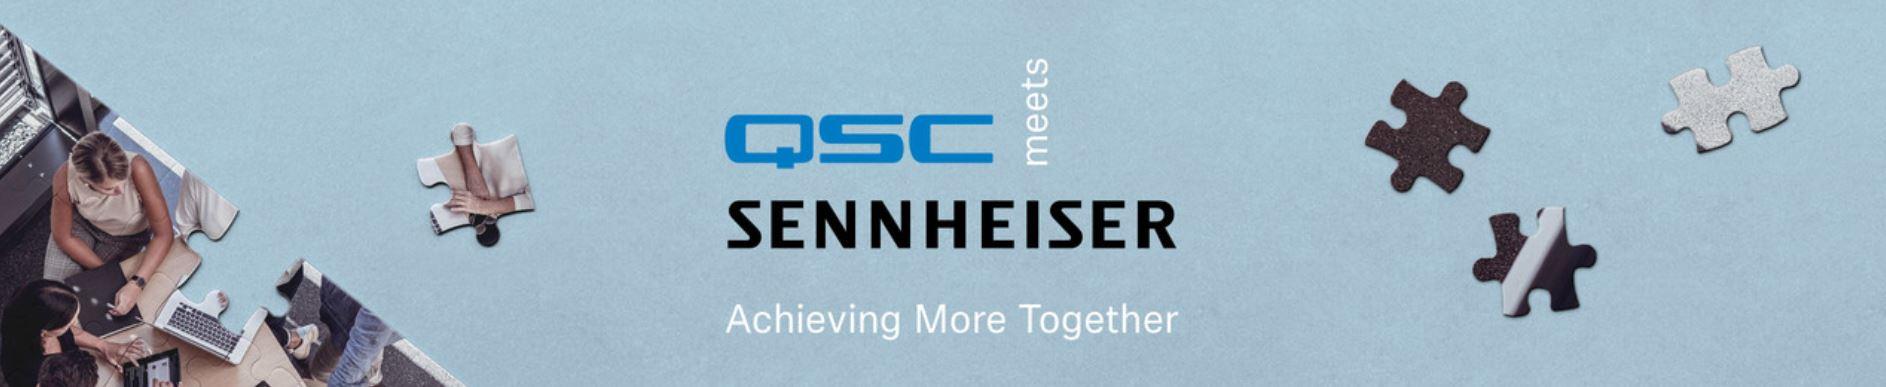 QSC meets Sennheiser